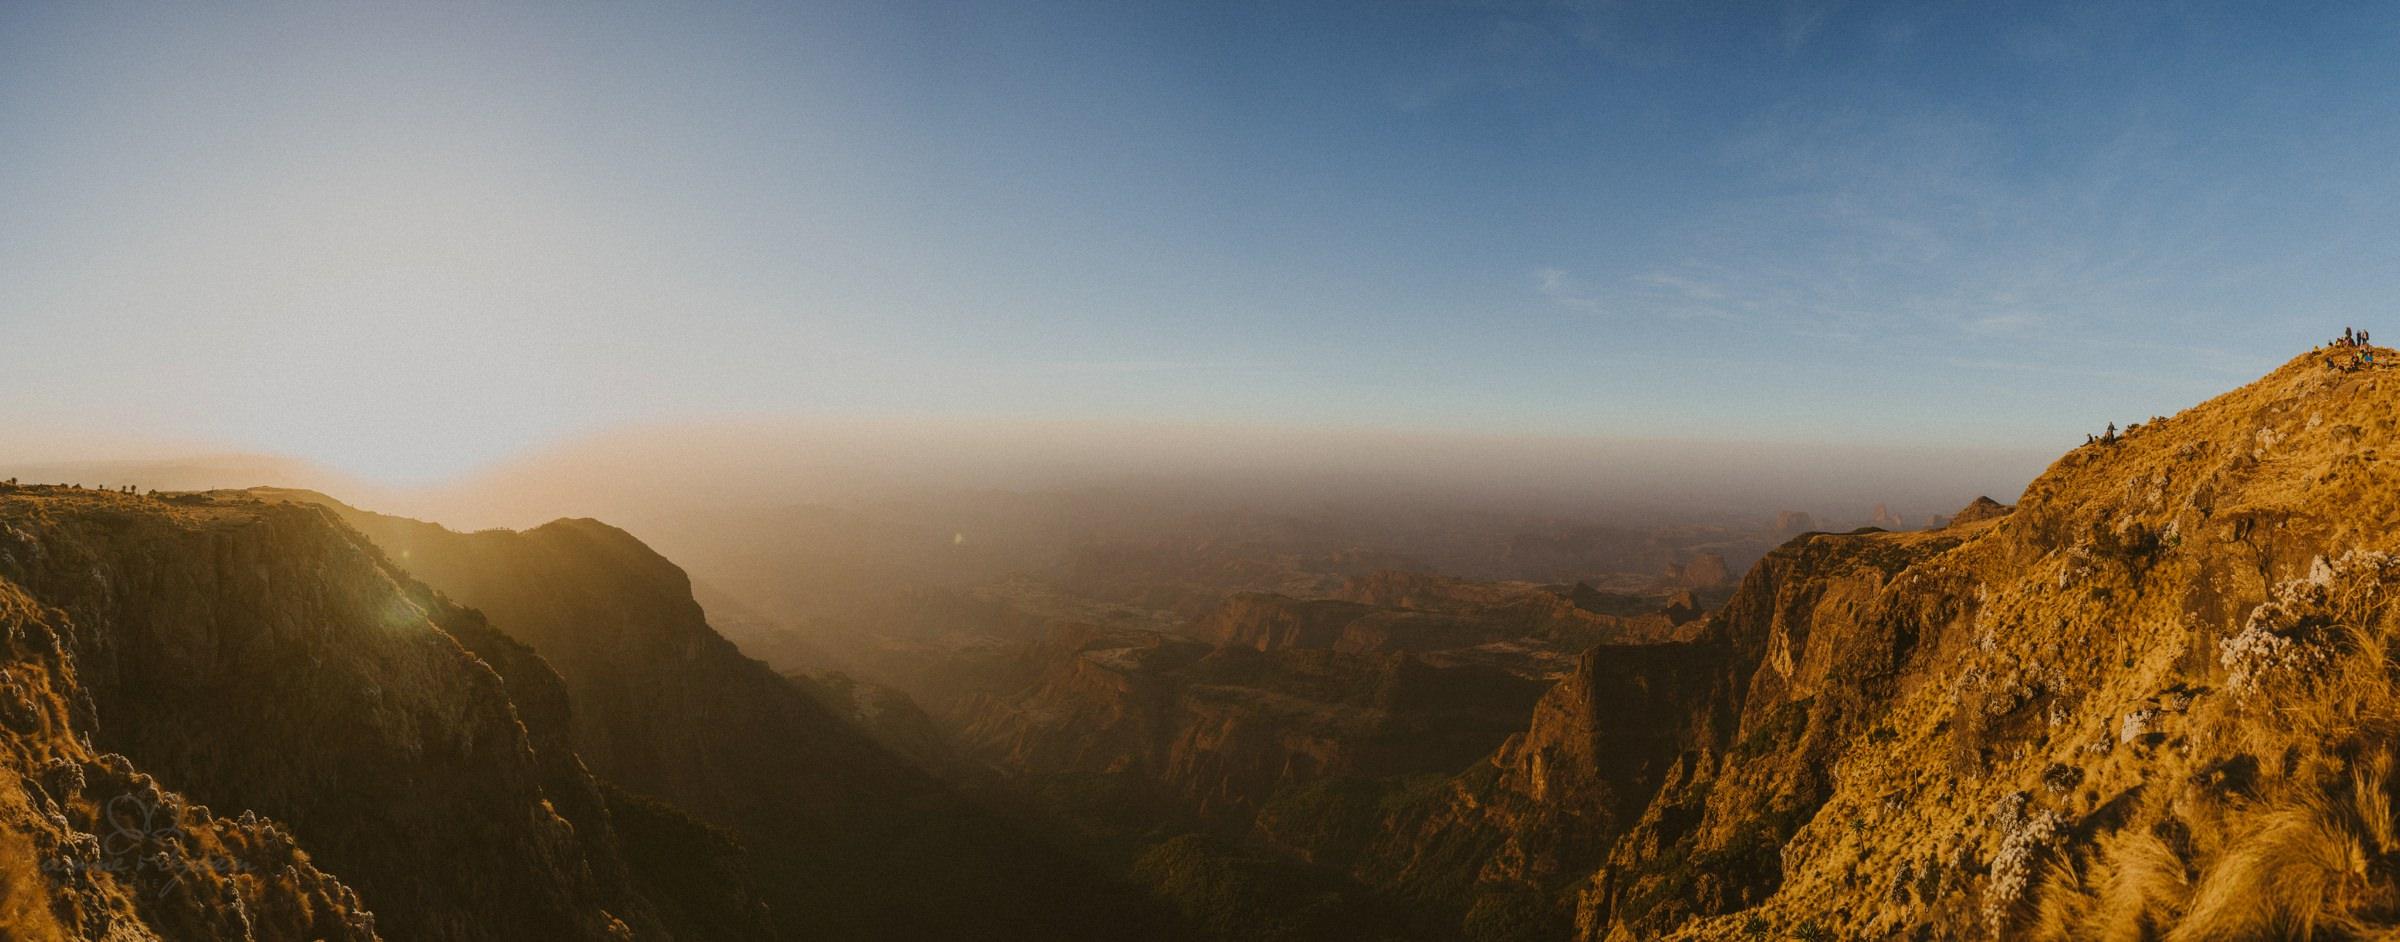 Panorama, Sonnenuntergang, Wanderer, Wanderung, Aussicht, View